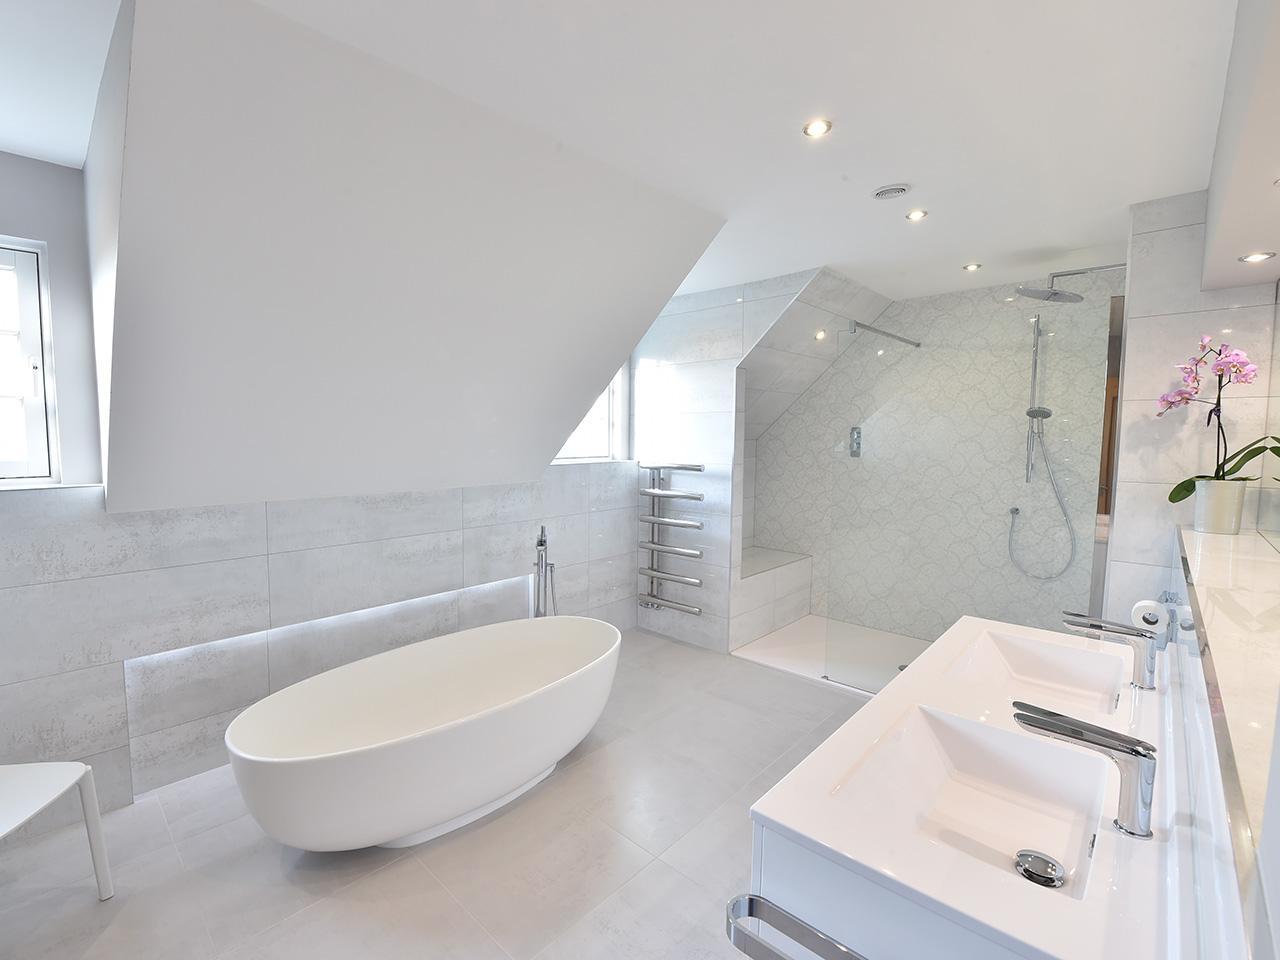 Be inspired by our beautiful Kbsa members bathroom design gallery | KBSA